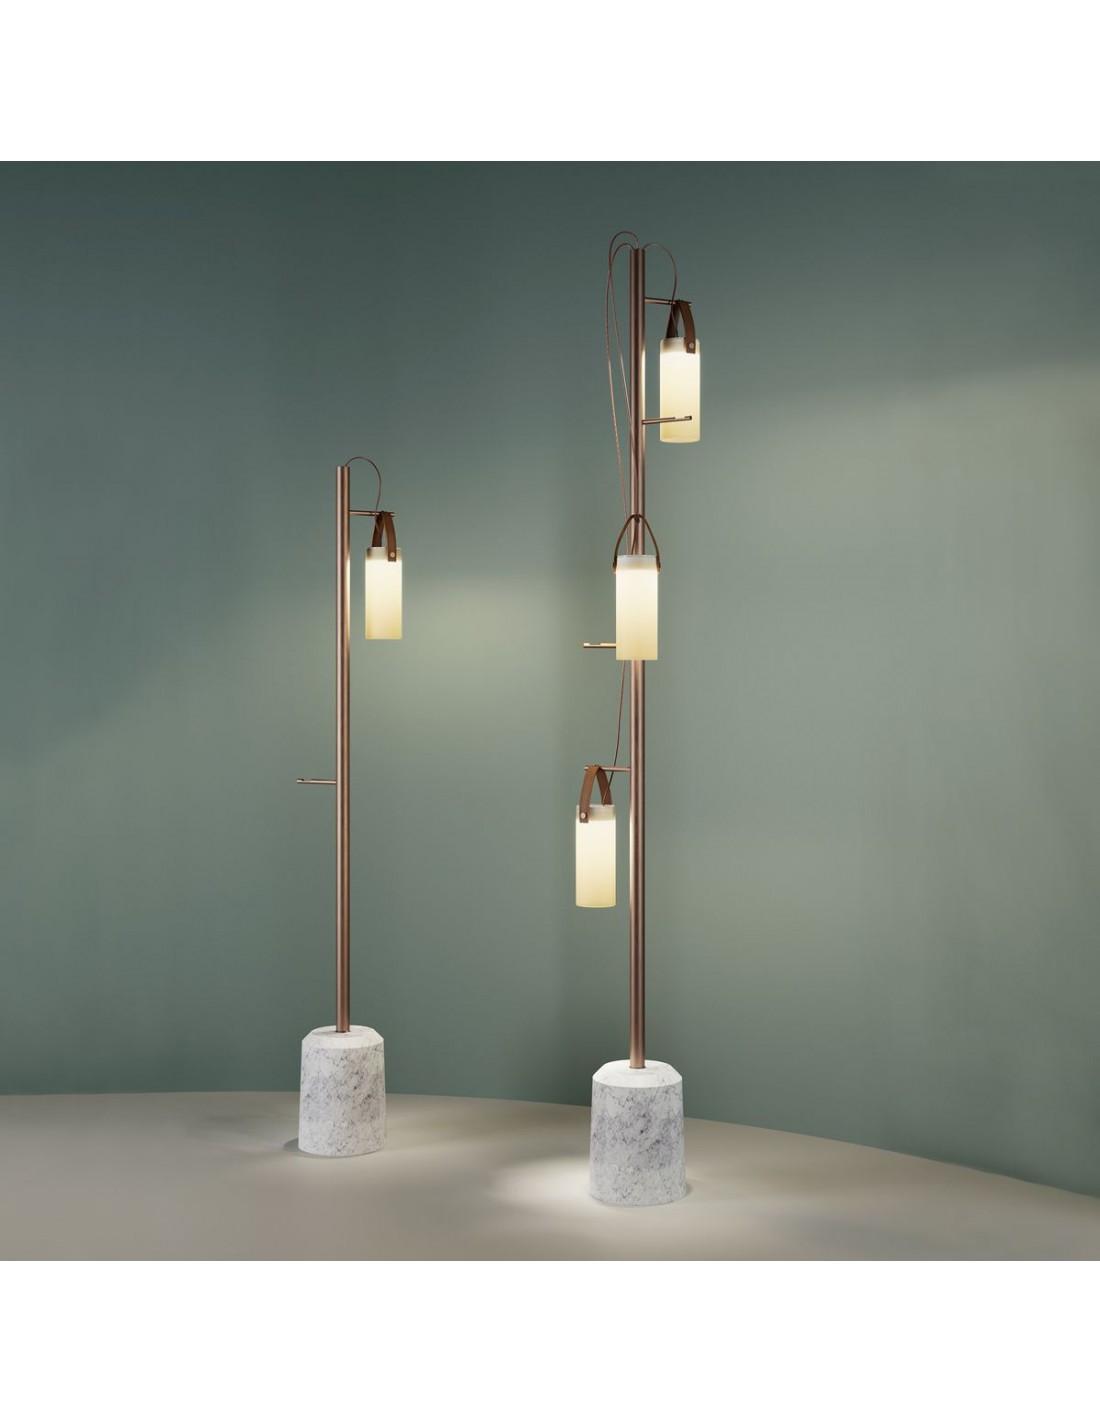 lampadaire Galerie 3 LED Fontana Arte - Valente Design